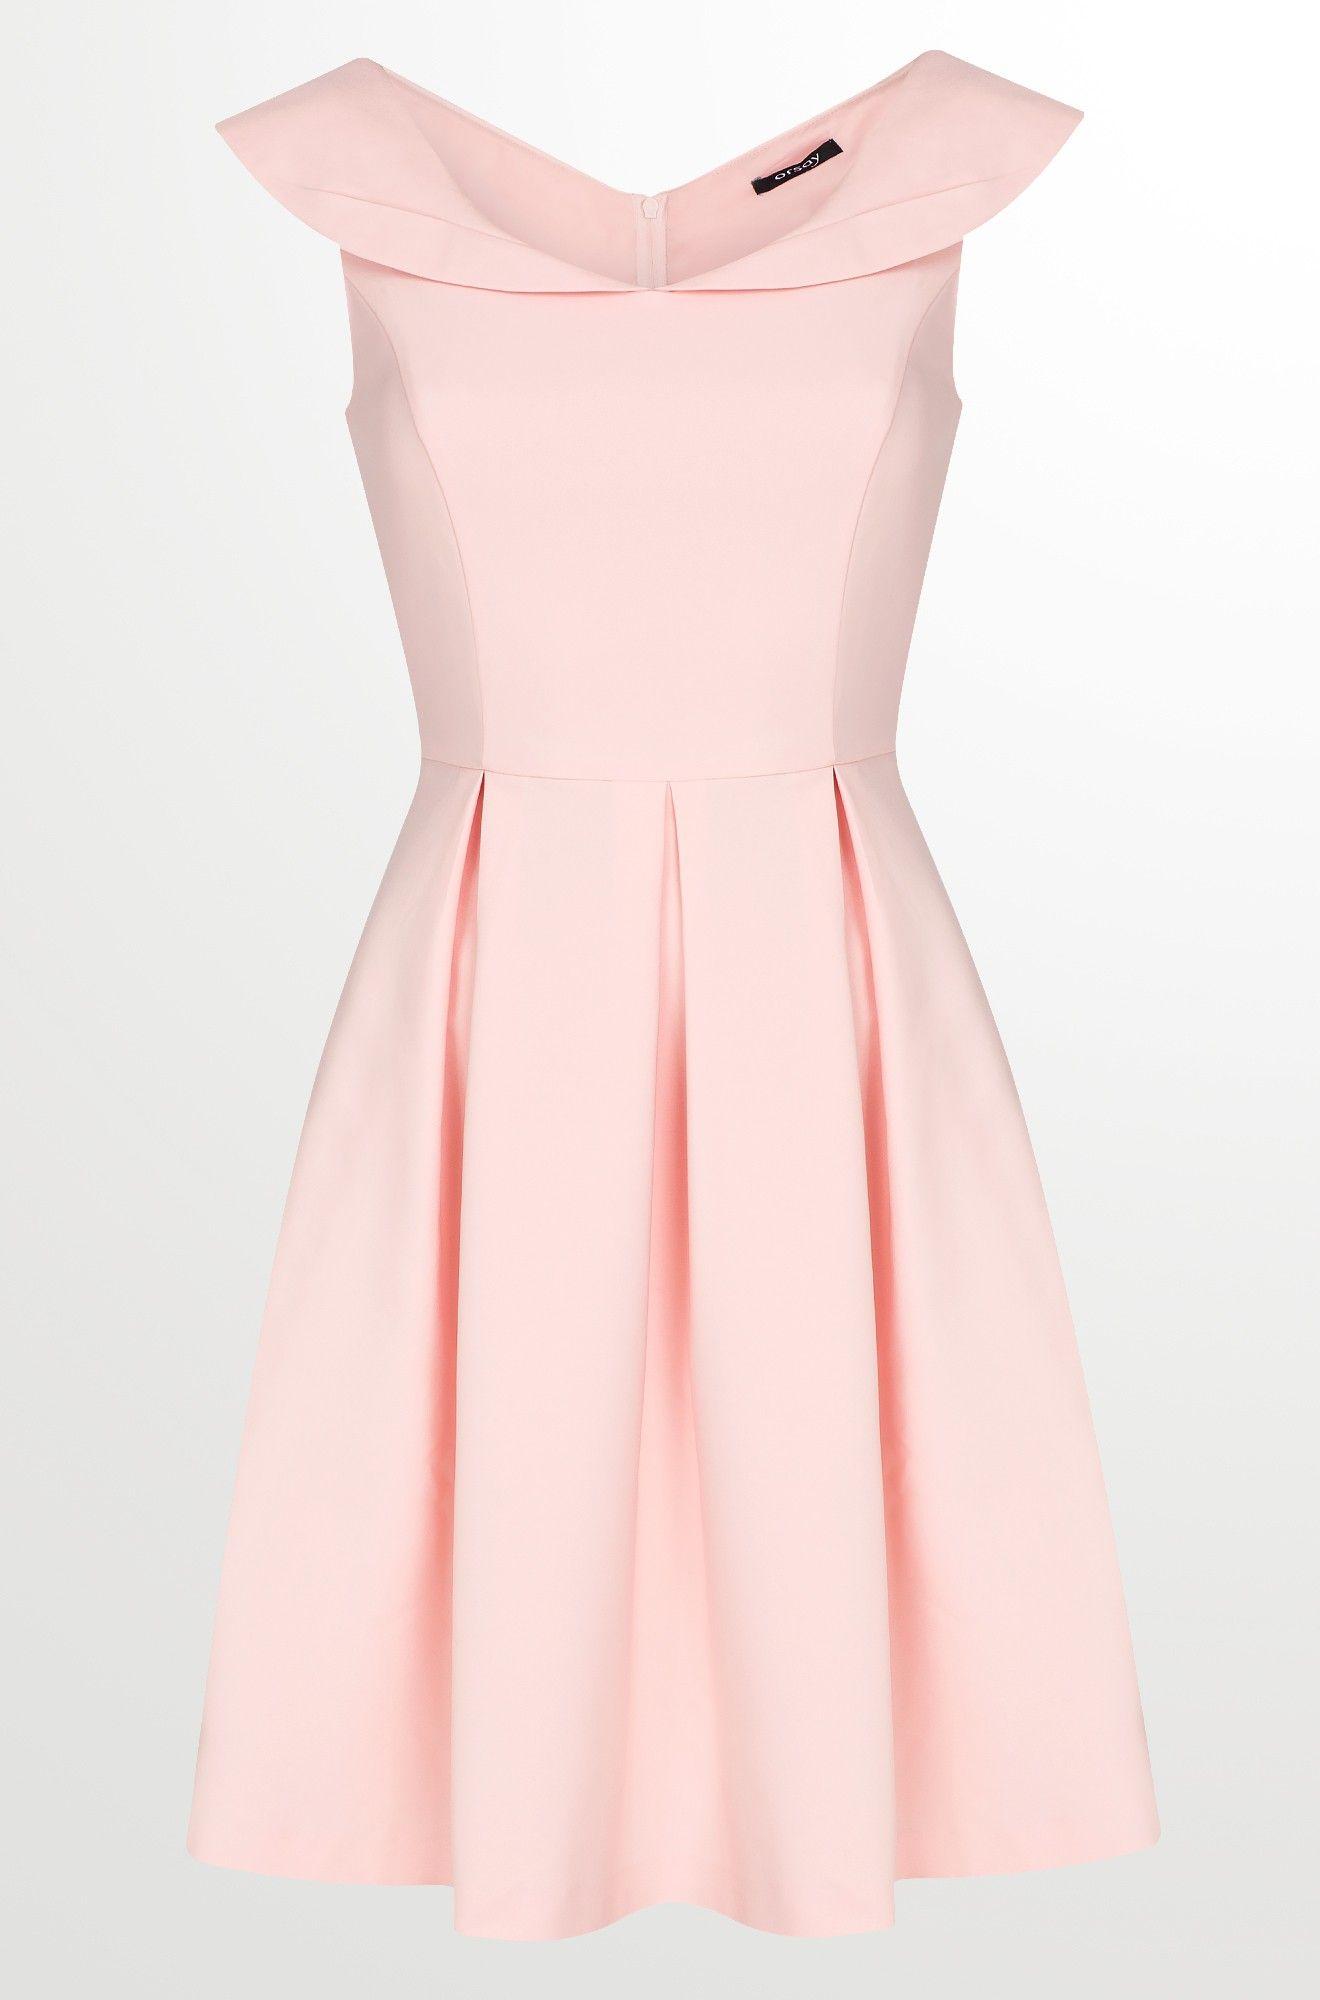 Kleid in Glockenschnitt mit Kragen  Schöne kleider, Vintage kleid